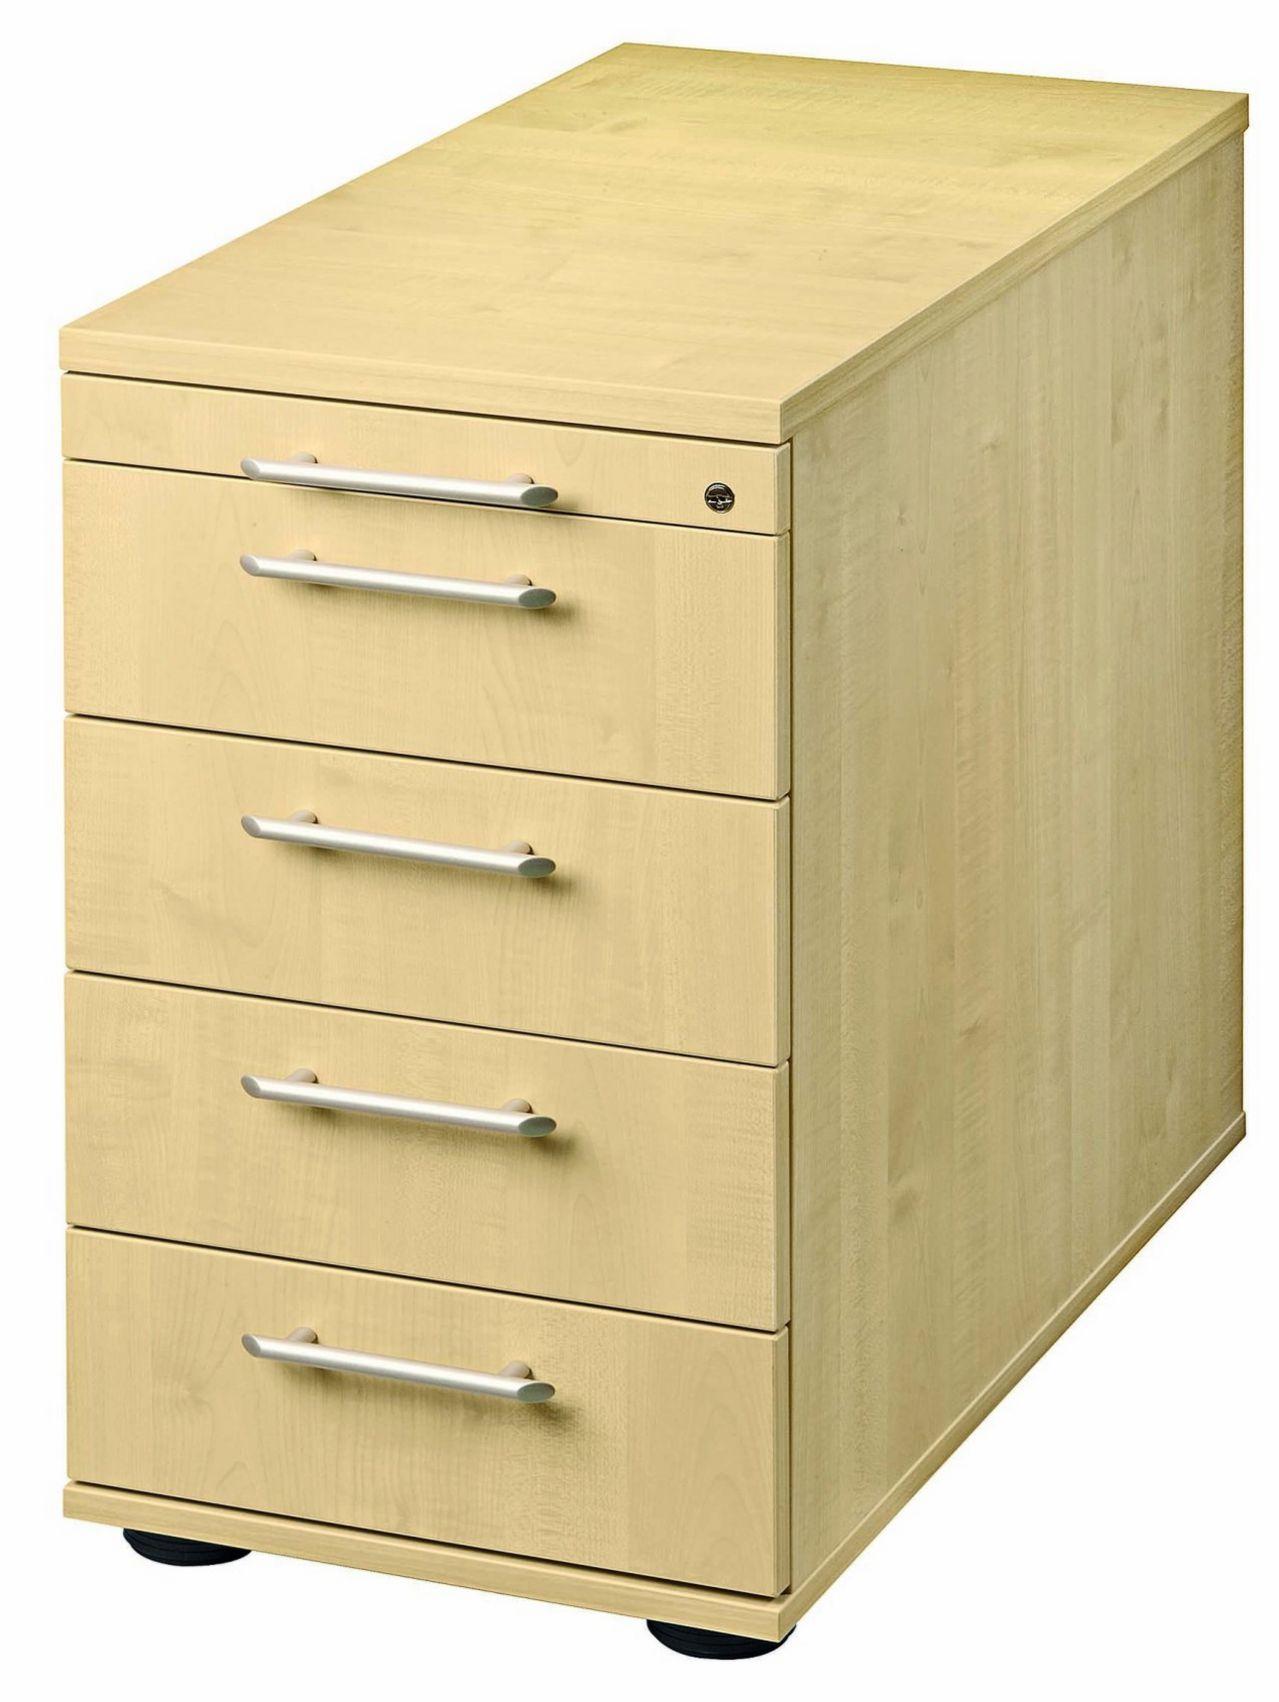 höhenverstellbarer und abschließbarer Schreibtisch-Anstellcontainer